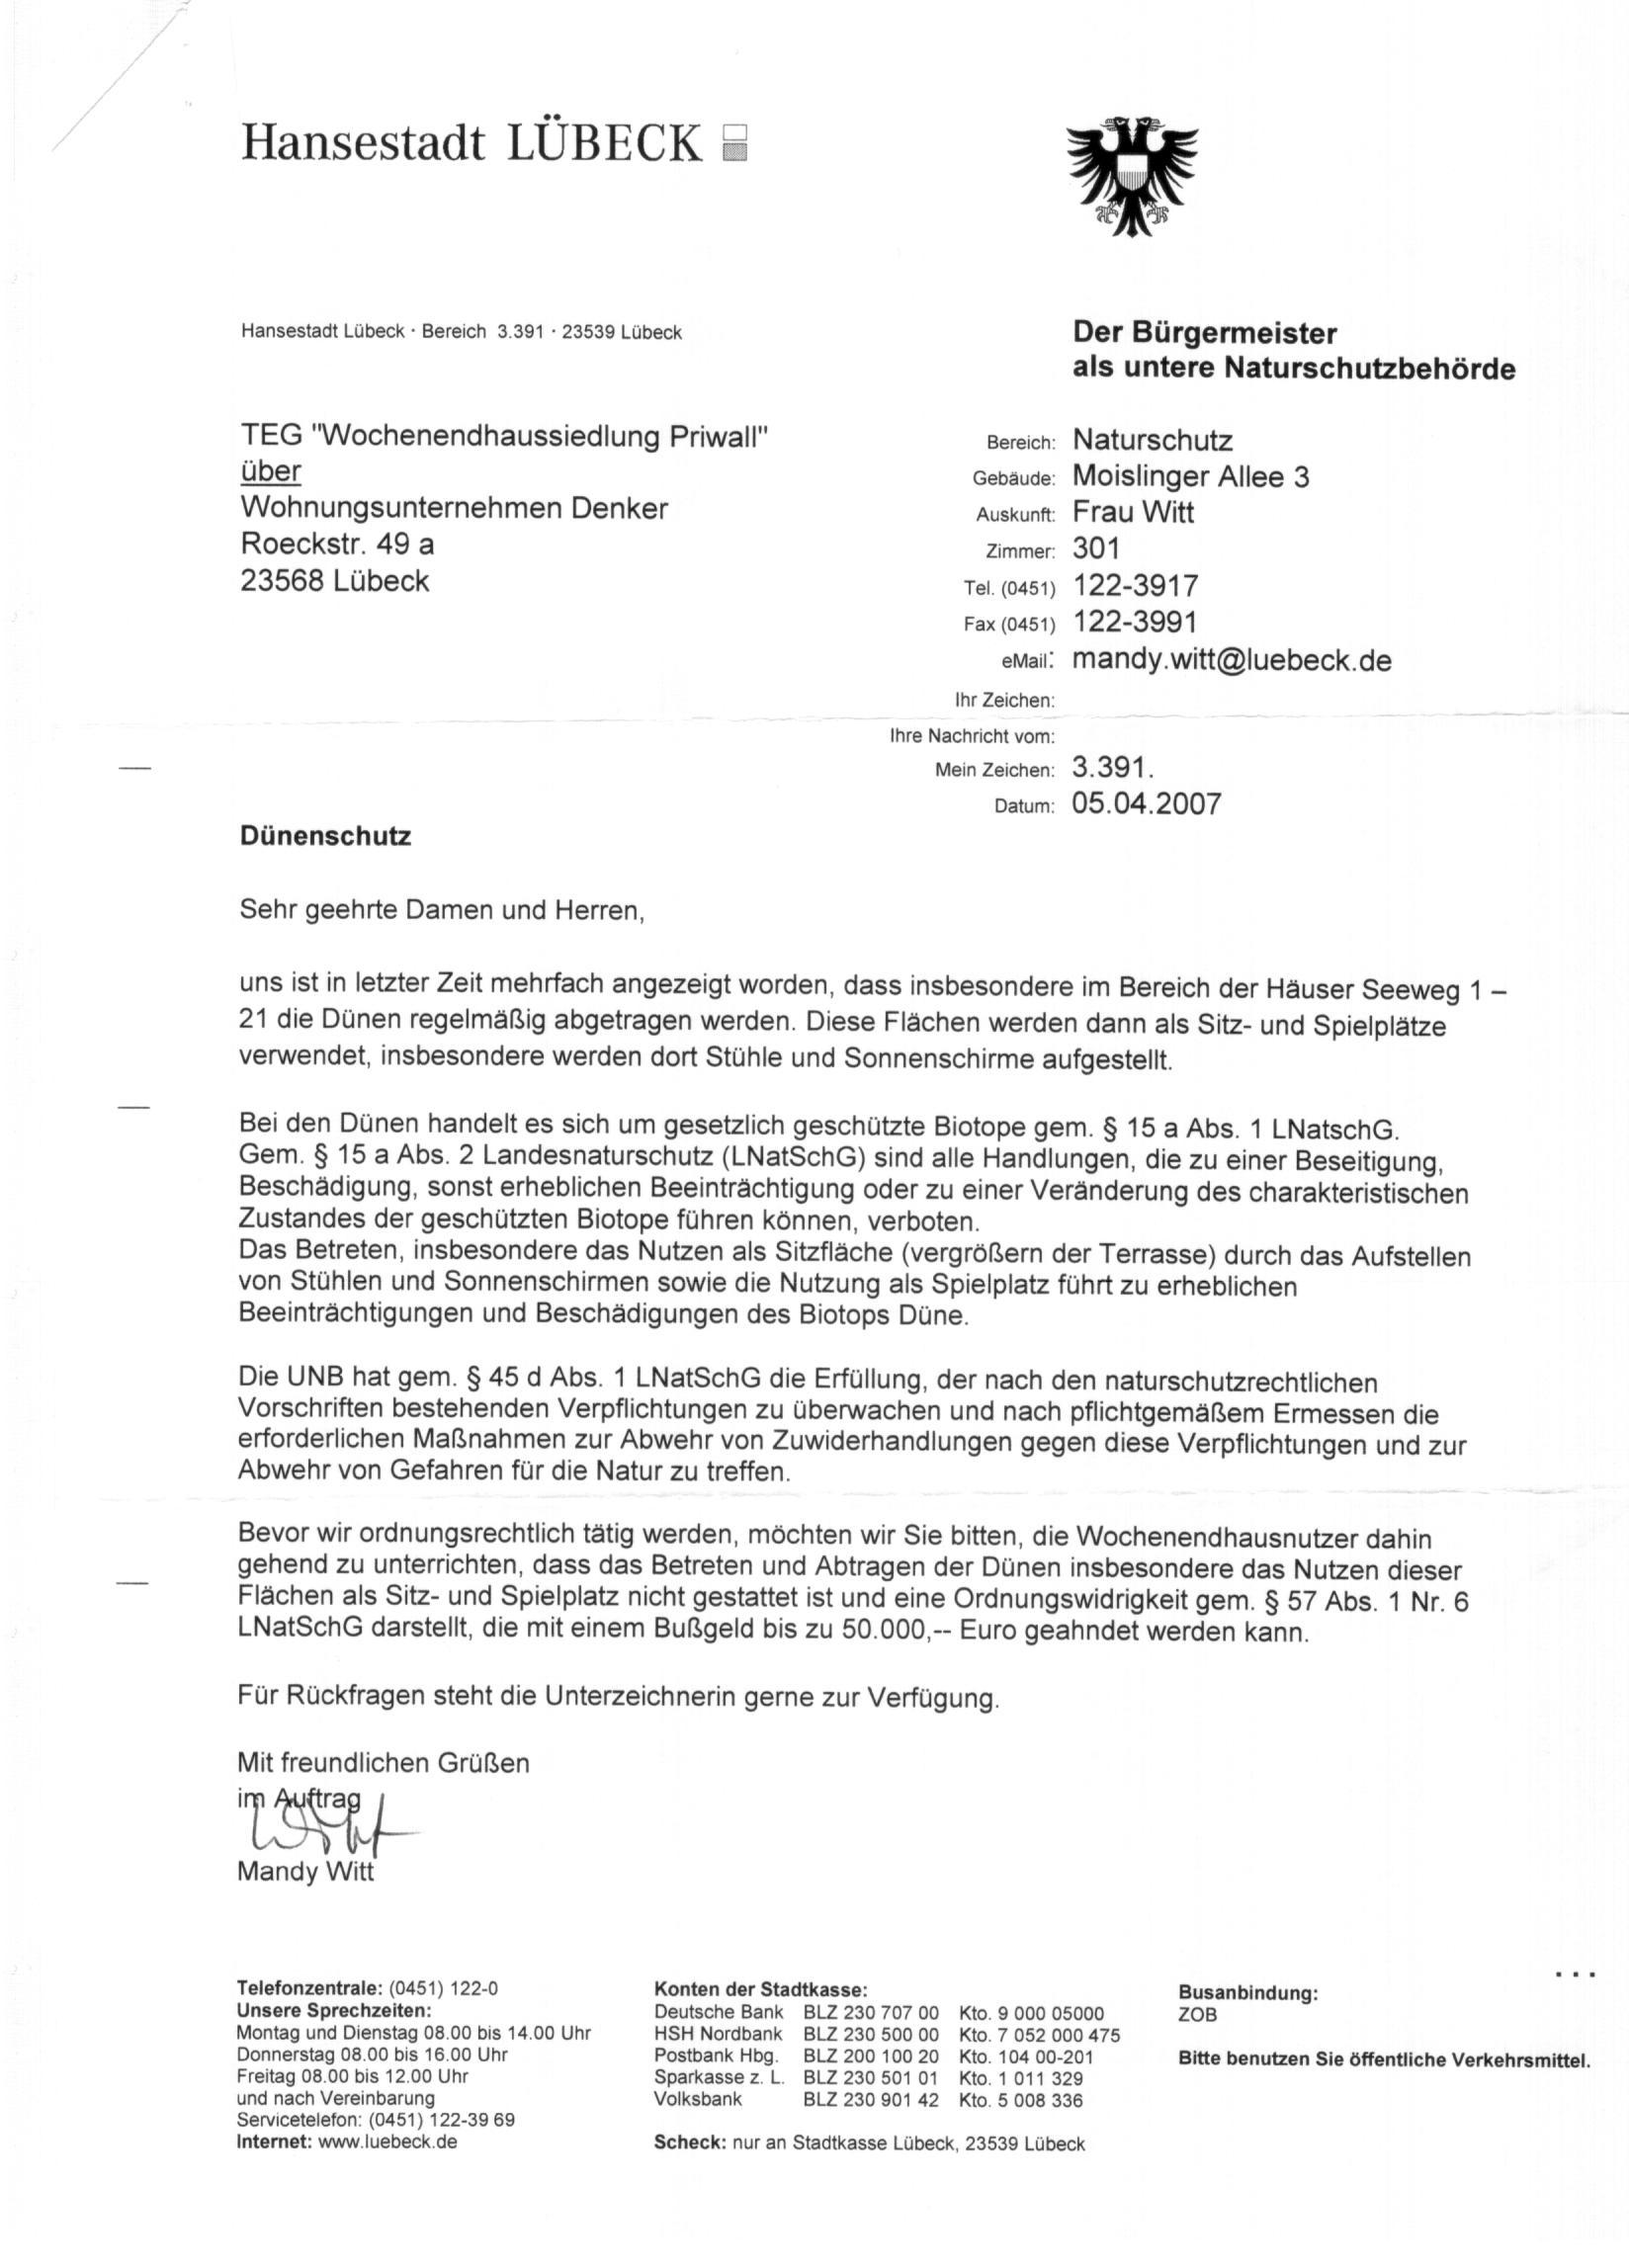 Einladung Eigentumerversammlung Muster Brillebrille Info